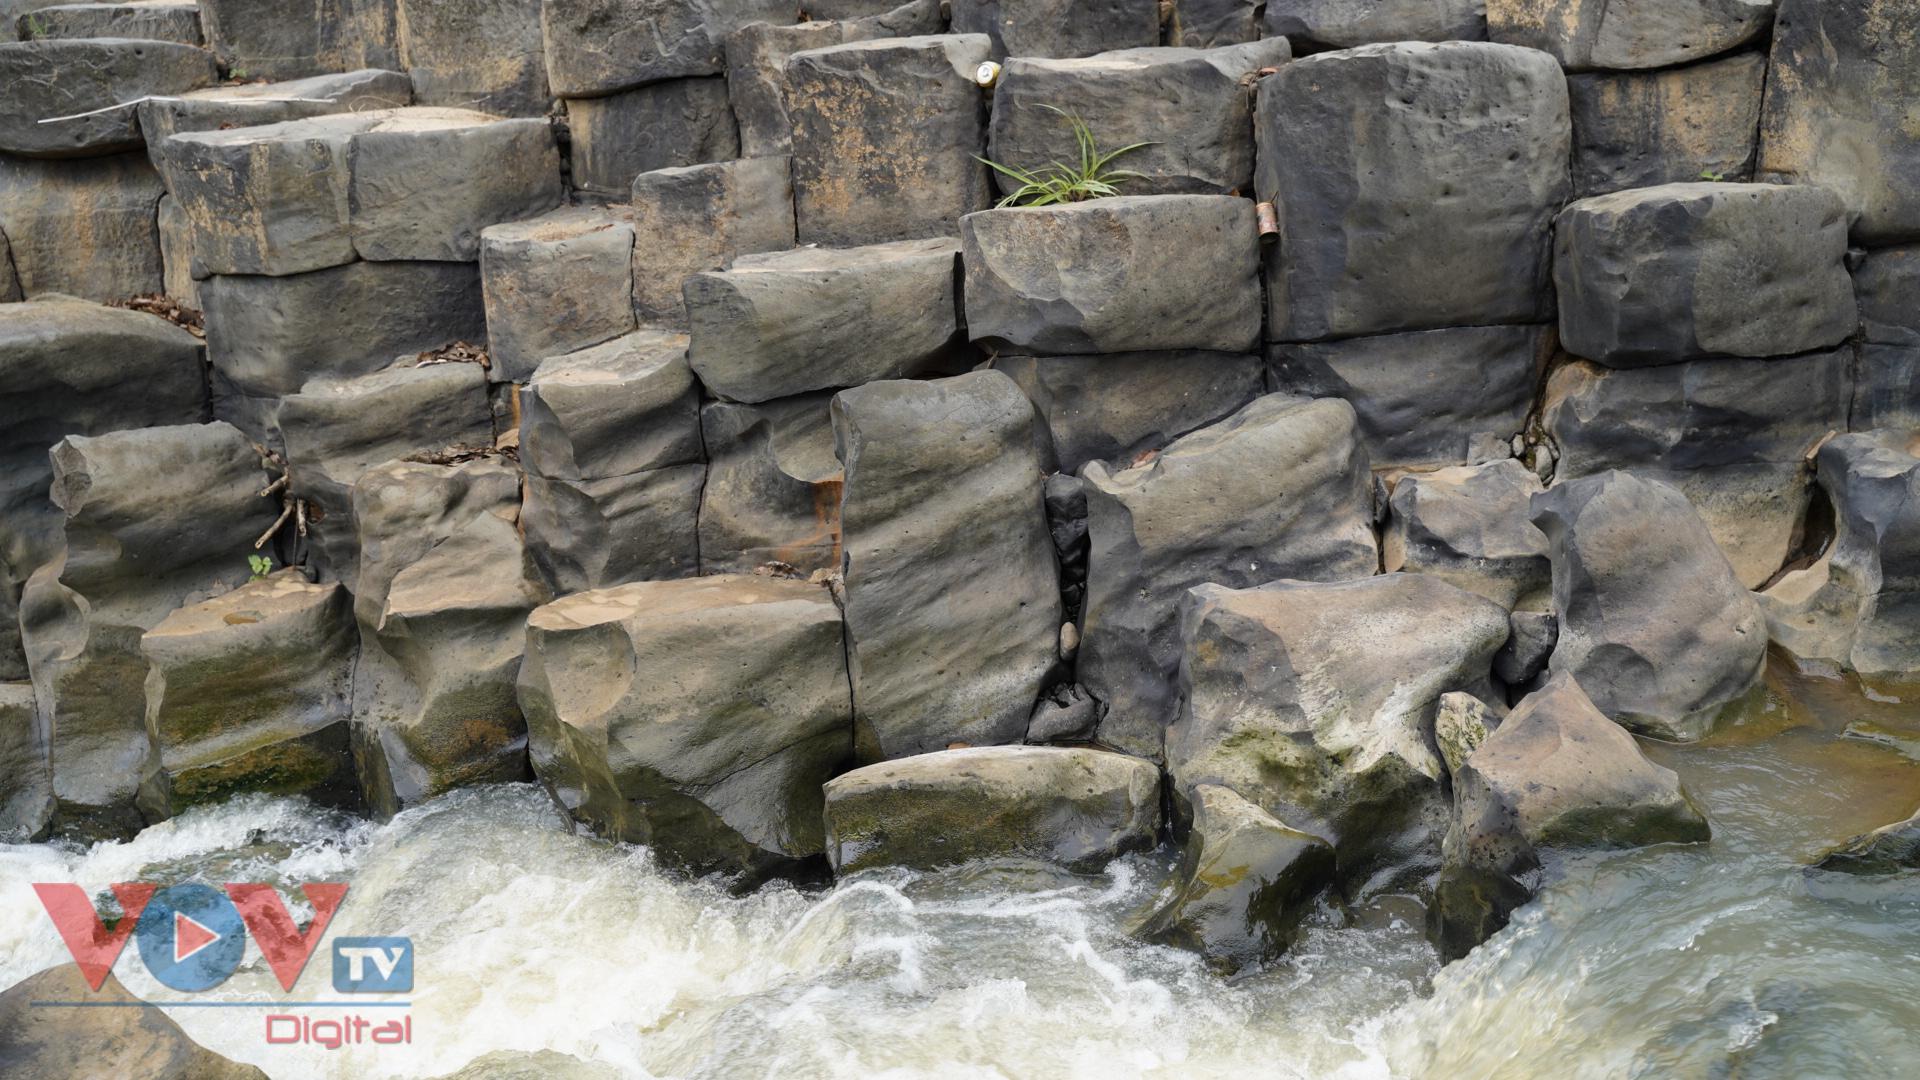 Gia Lai: Mê đắm vẻ đẹp hoang sơ của suối đá núi lửa Ia Ruai - Ảnh 12.